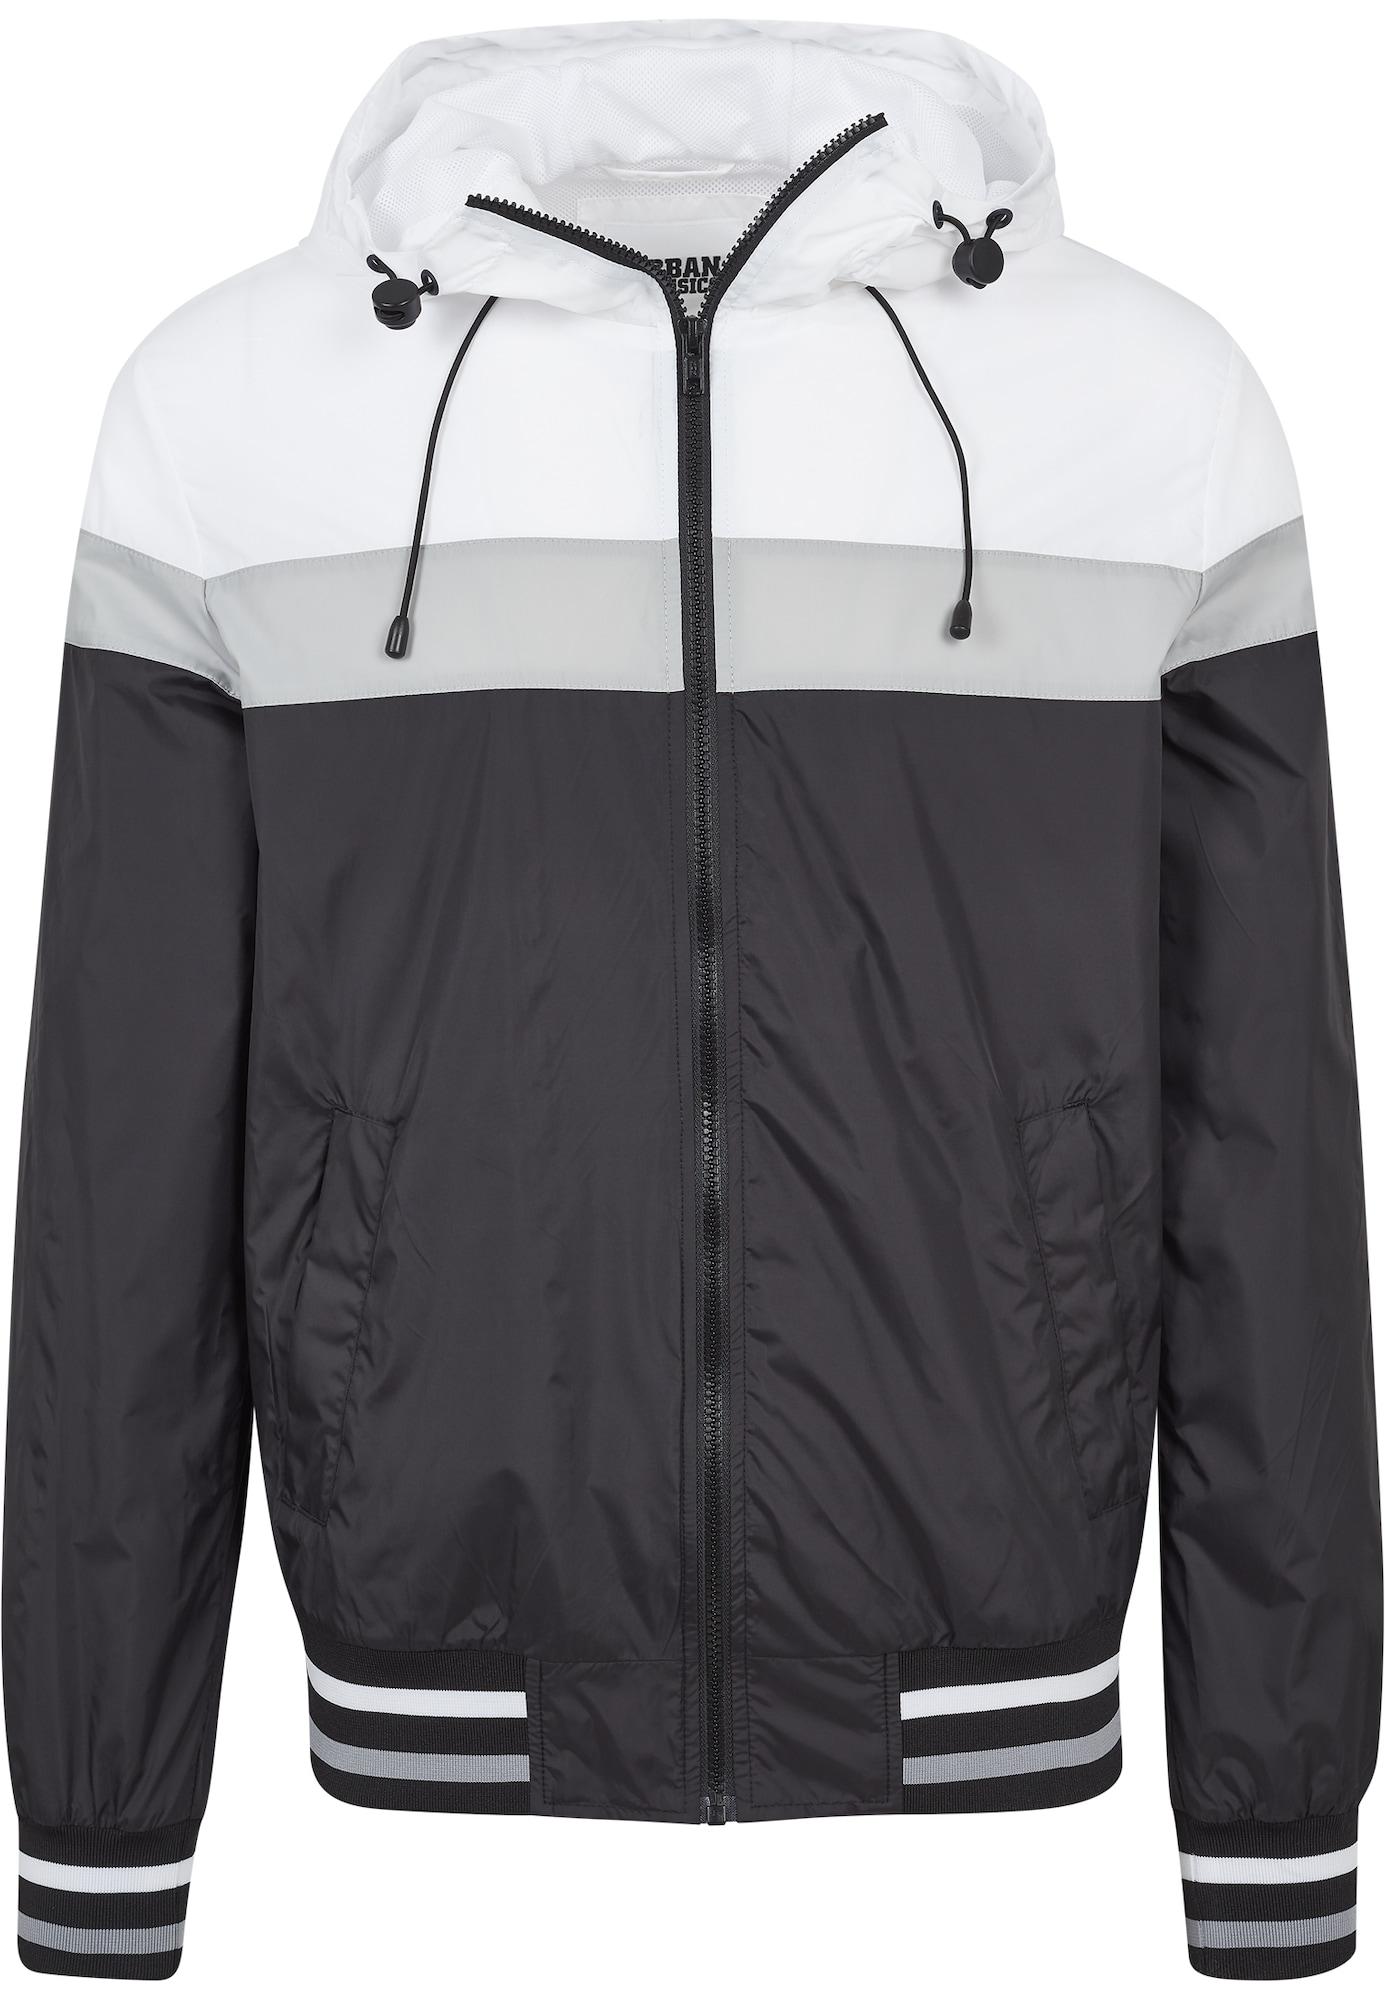 Přechodná bunda Windrunner šedá černá bílá Urban Classics